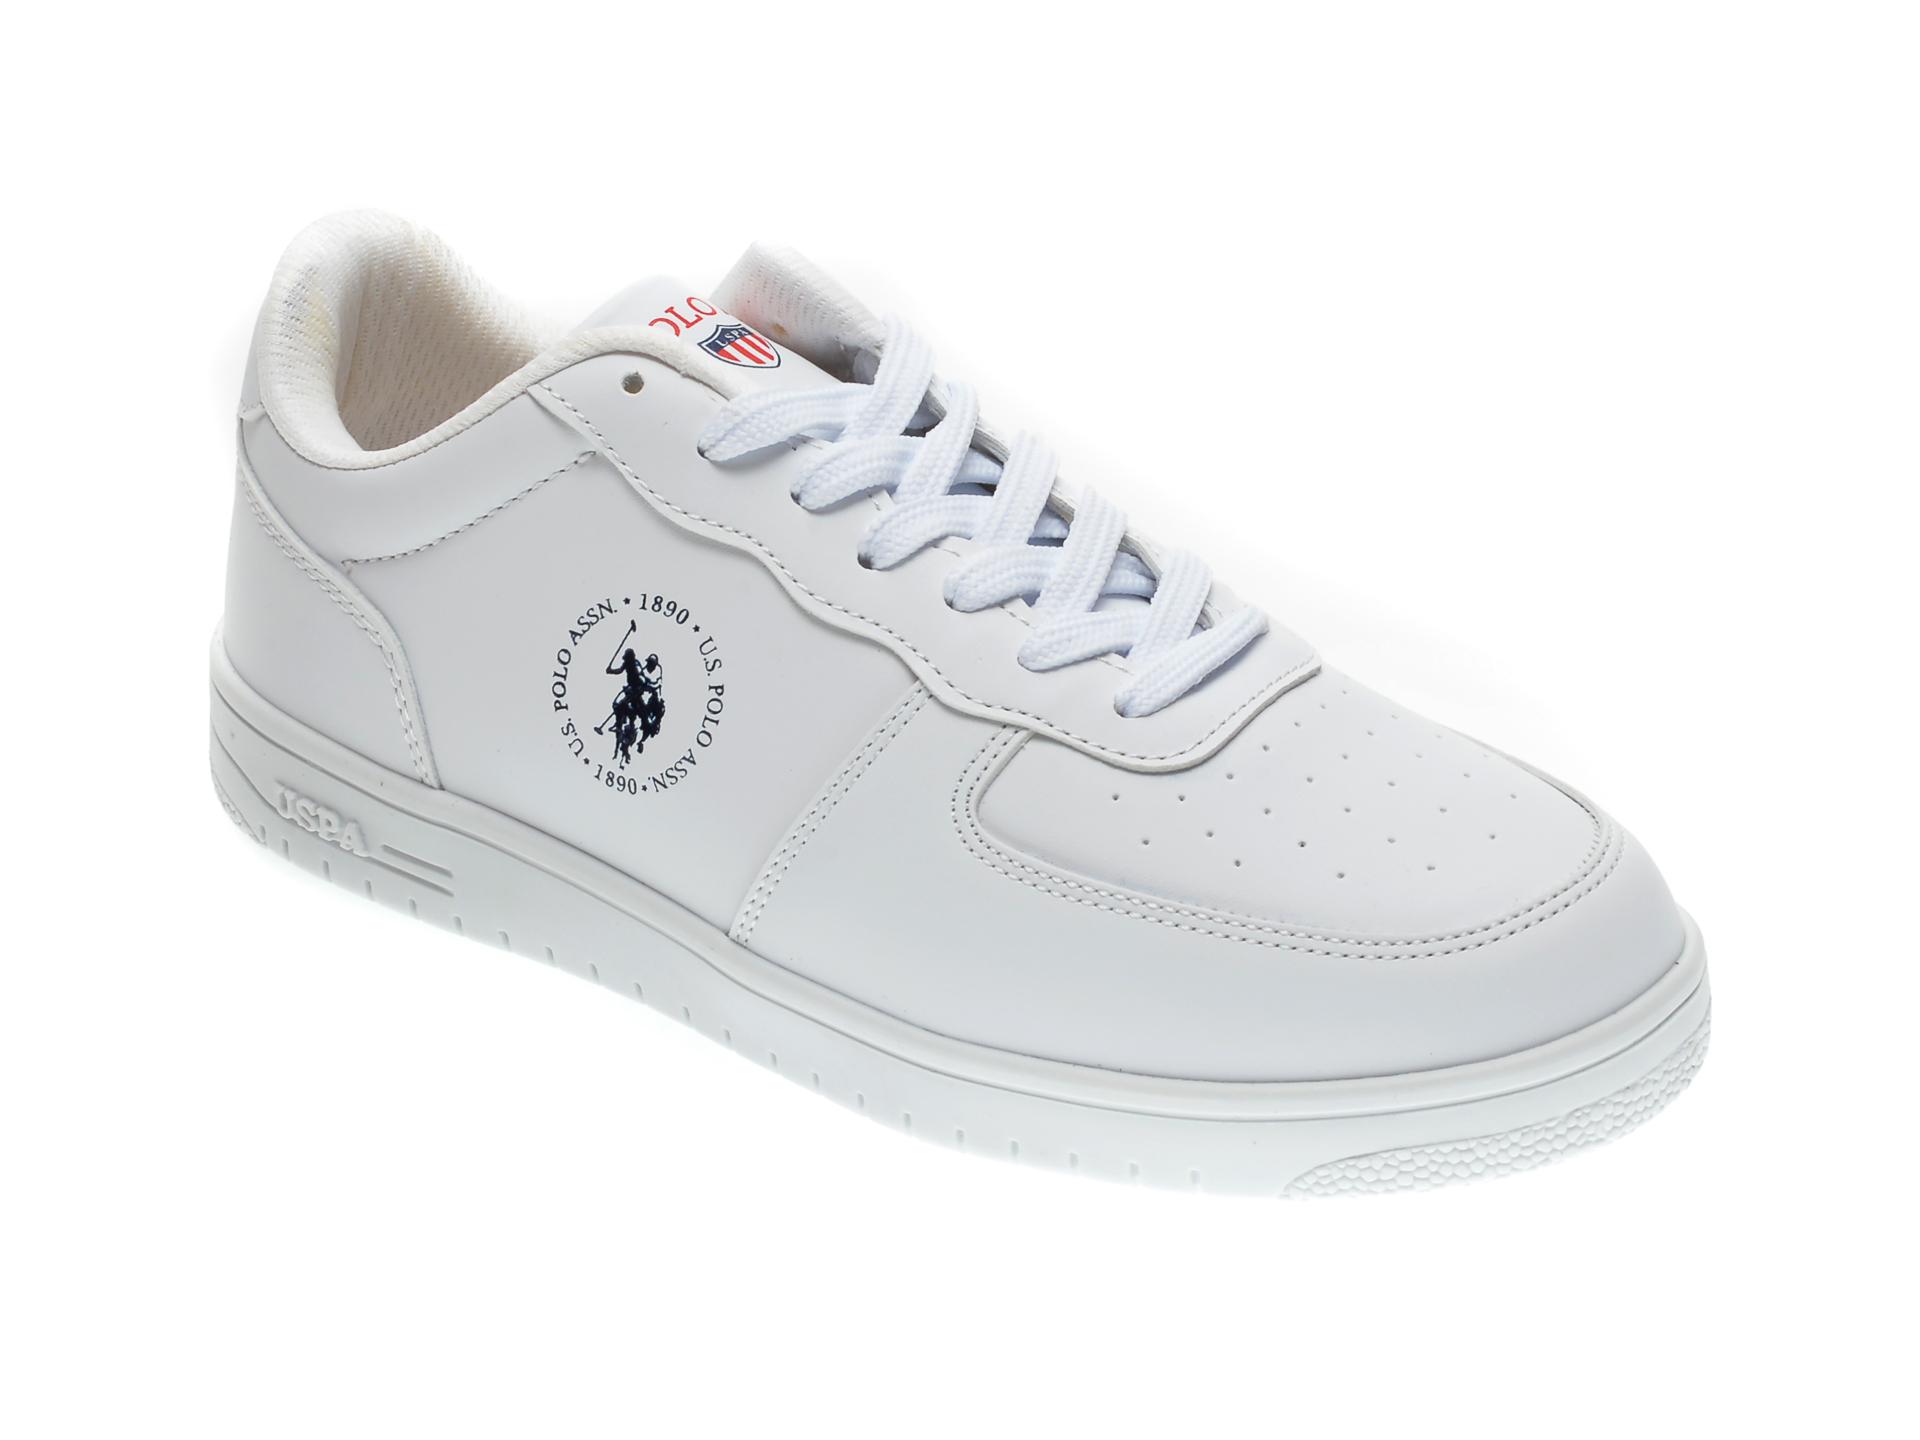 Pantofi sport US POLO ASSN albi, 279016, din piele ecologica